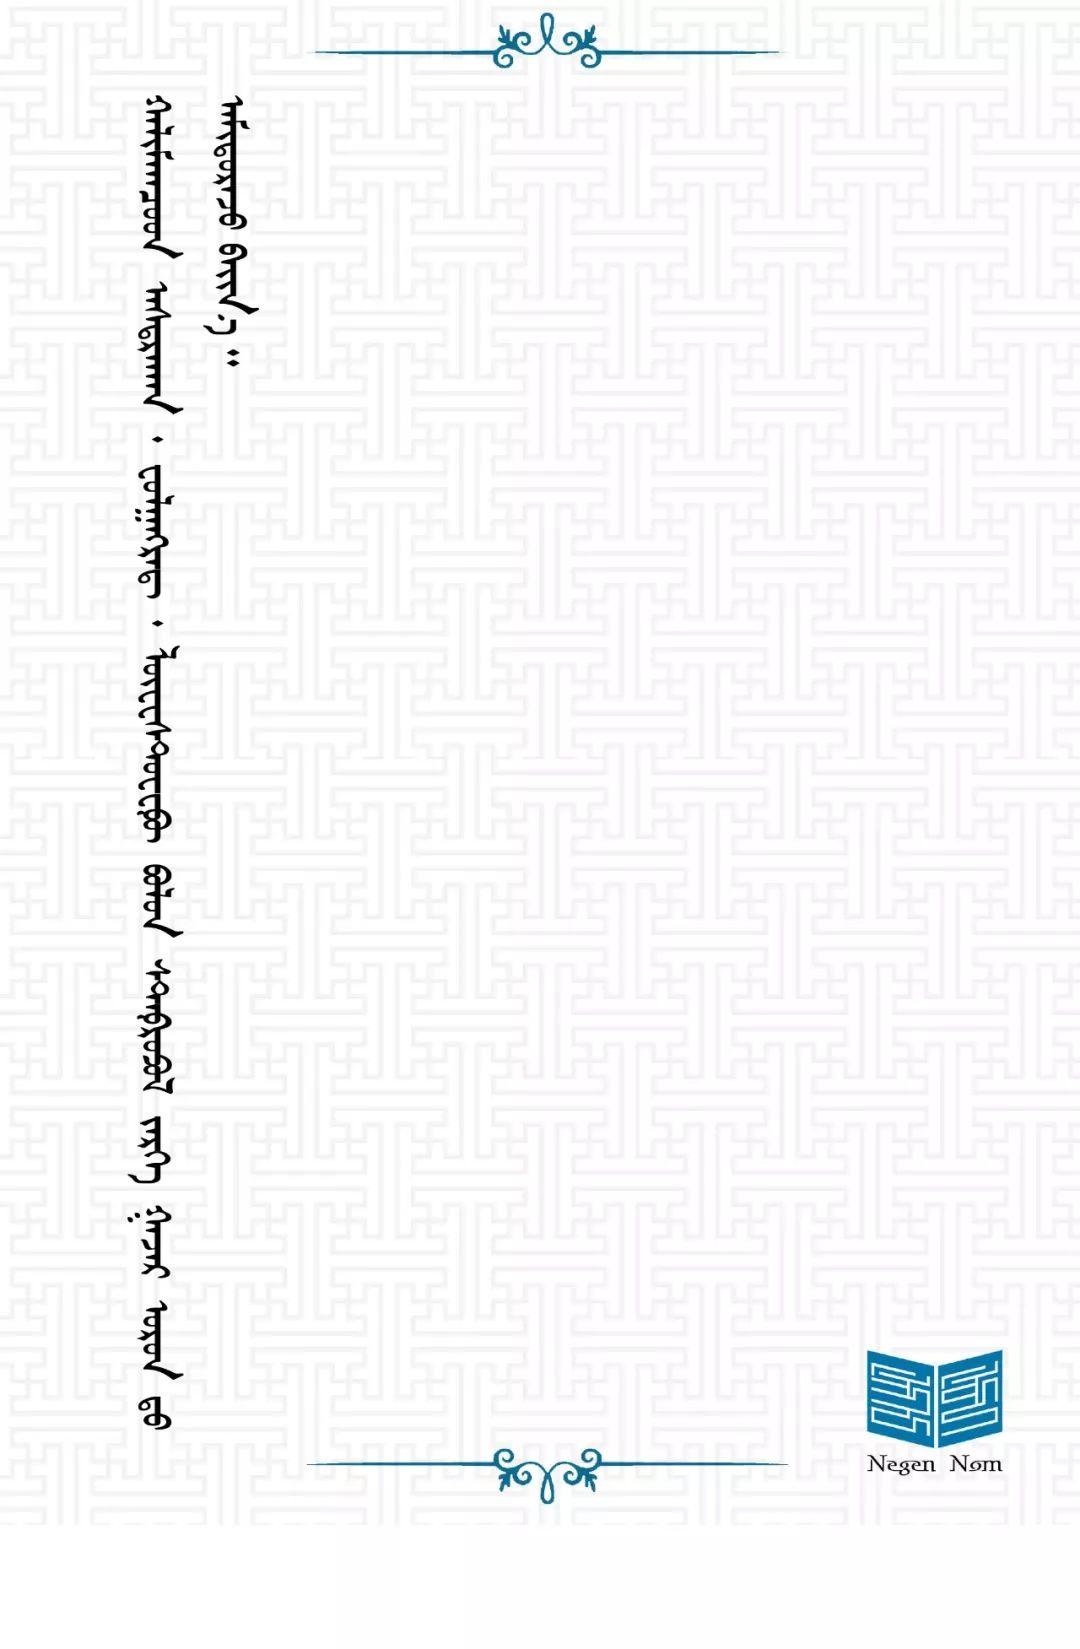 蒙古人无处不在--卡尔梅克人简介 第6张 蒙古人无处不在--卡尔梅克人简介 蒙古文化